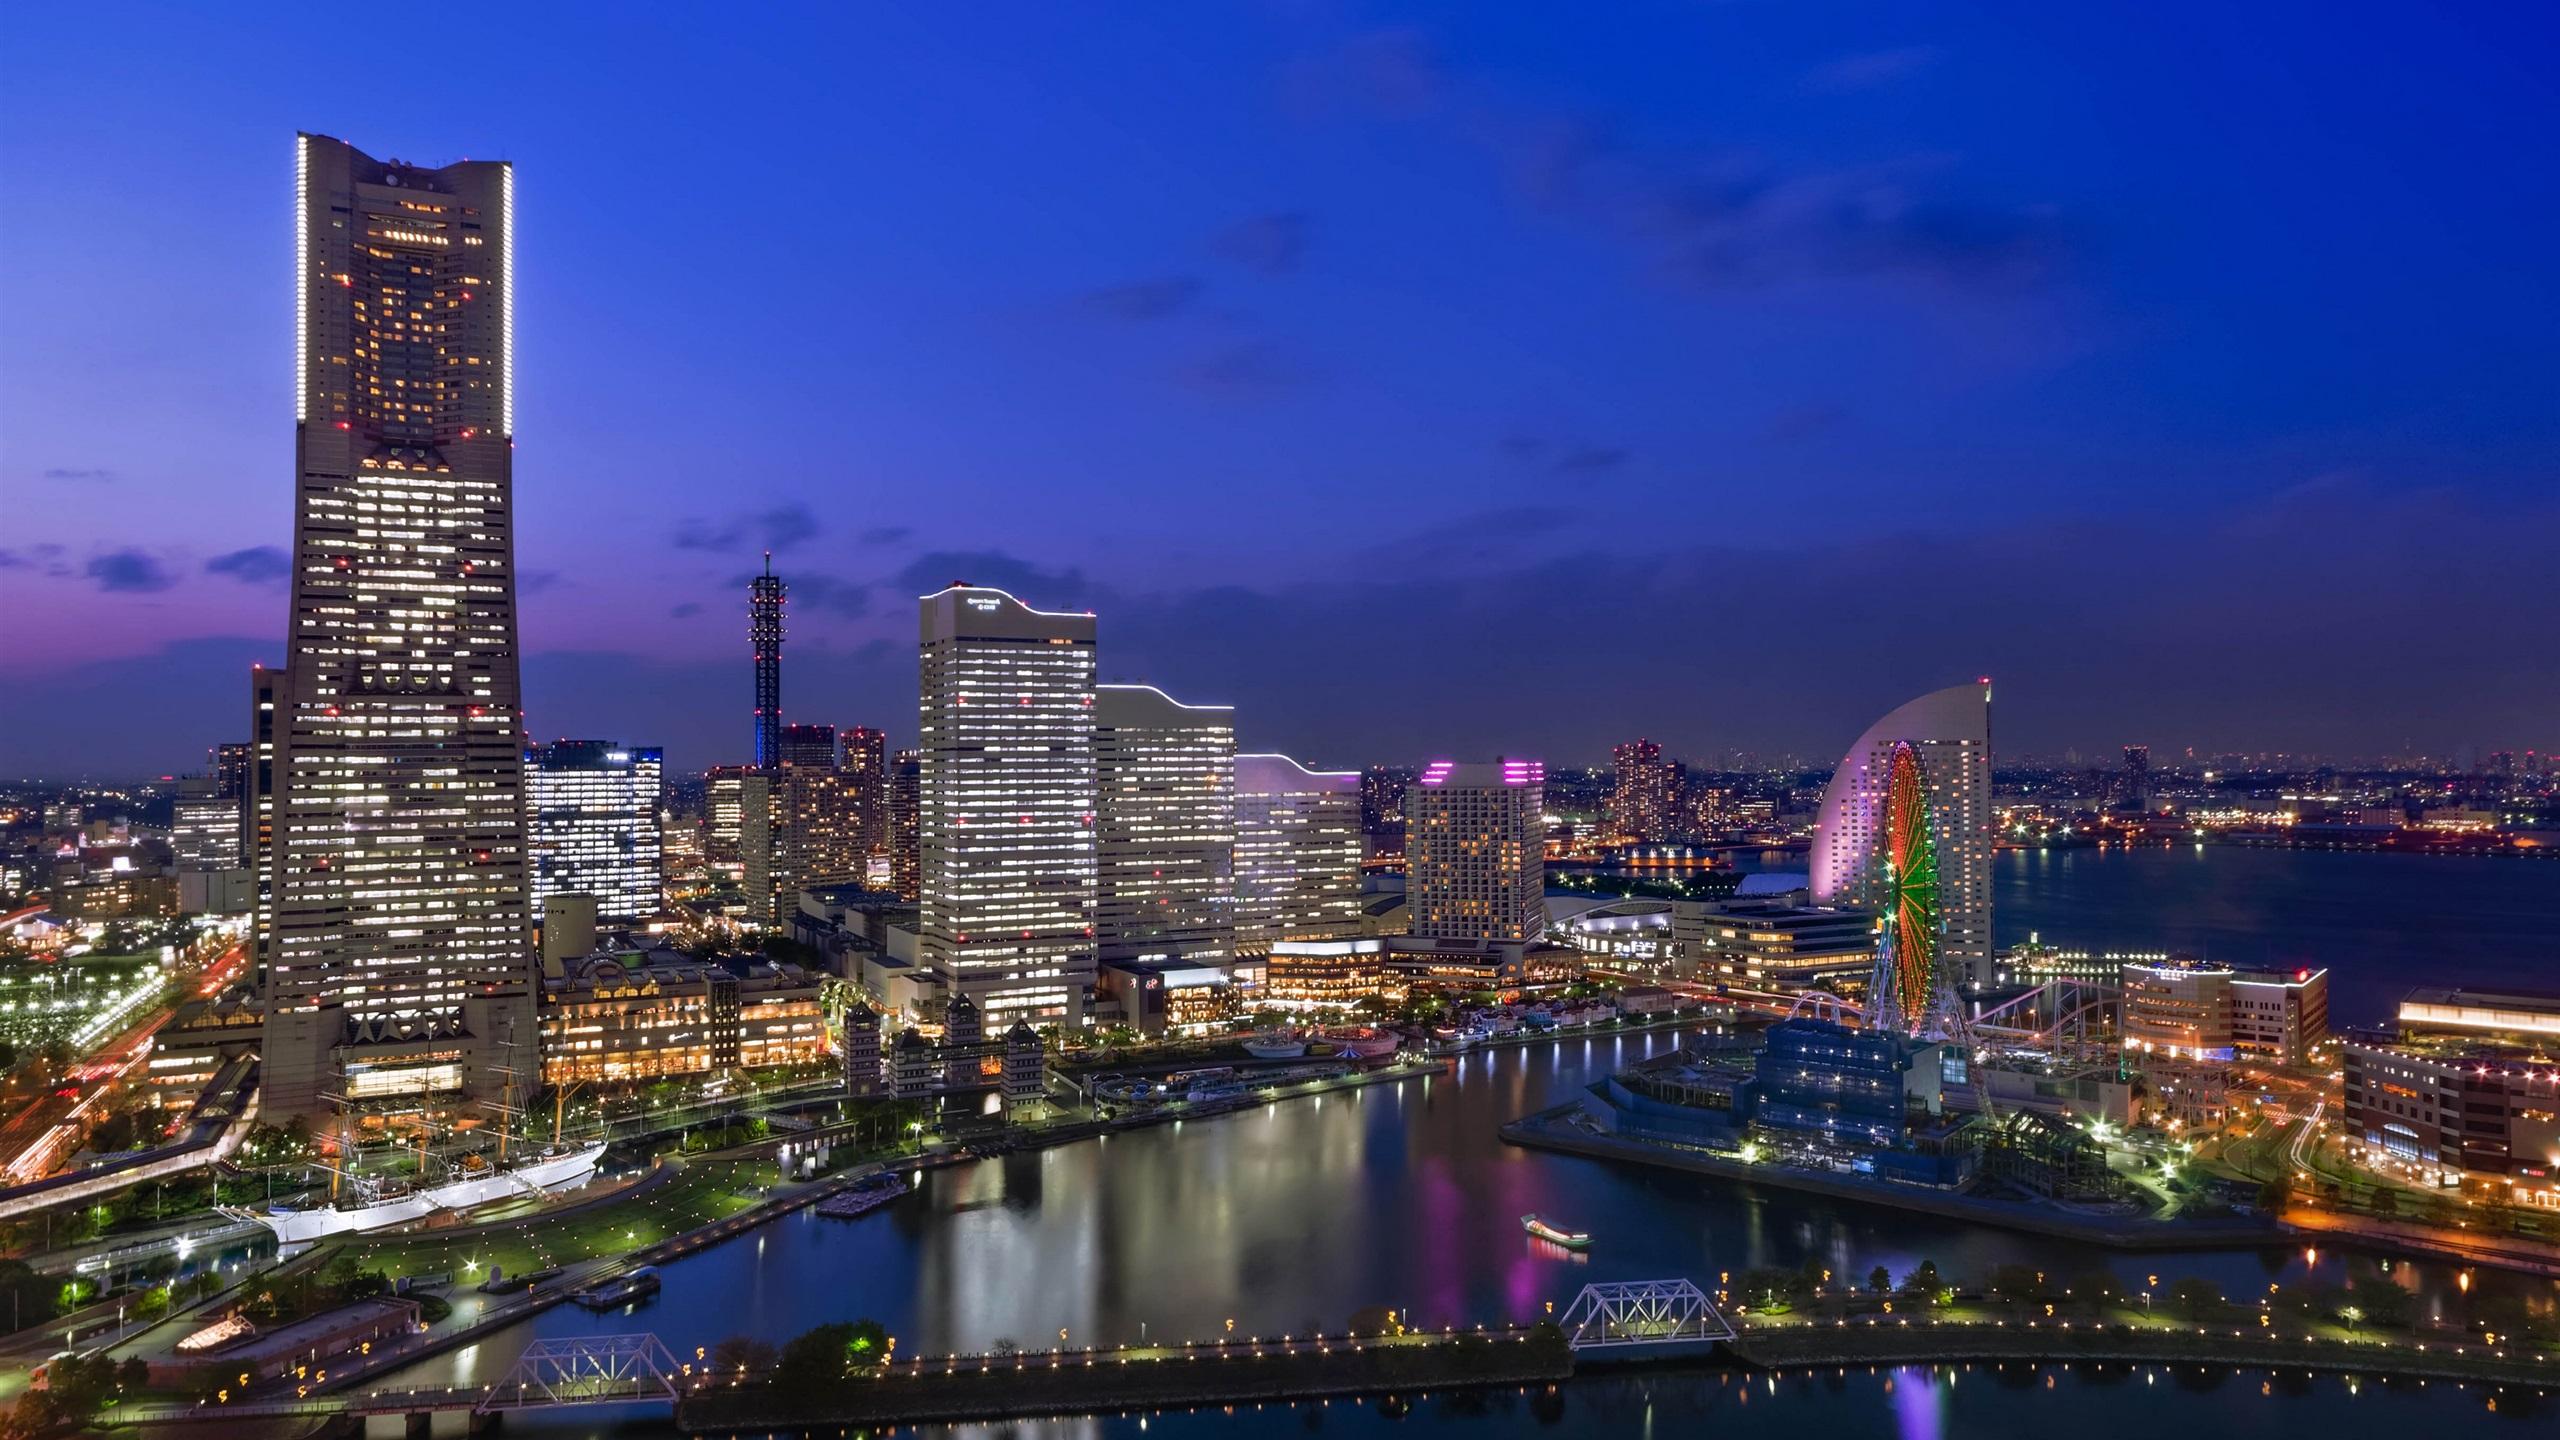 壁纸日本 城市夜景 摩天大楼 灯2880x1800 Hd 高清壁纸 图片 照片